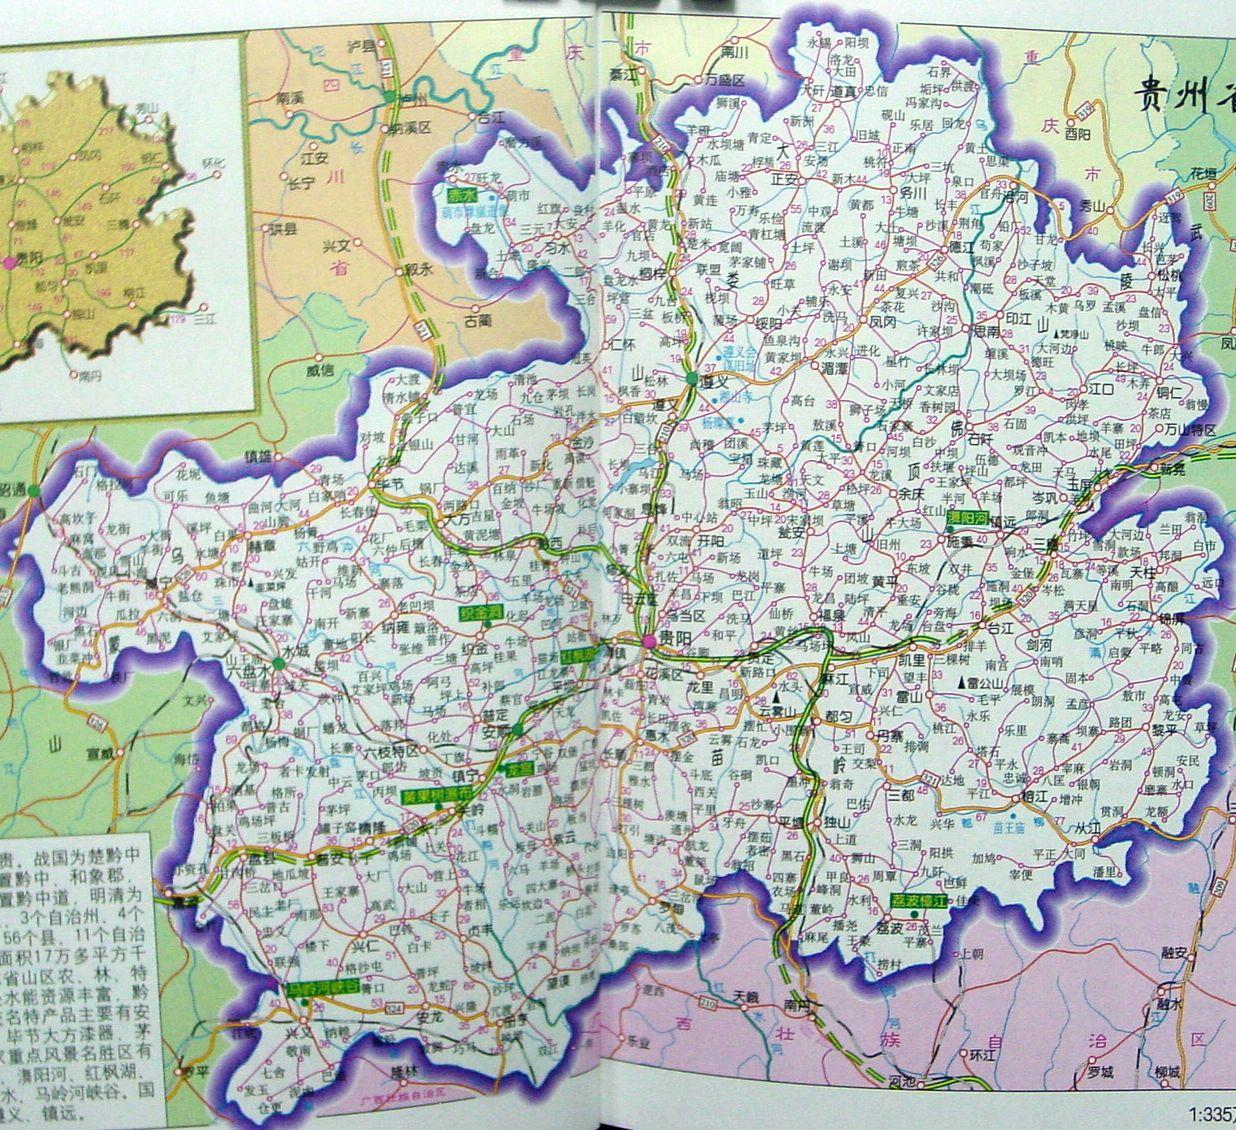 贵州交通地图_贵州其他旅游景点地图查询